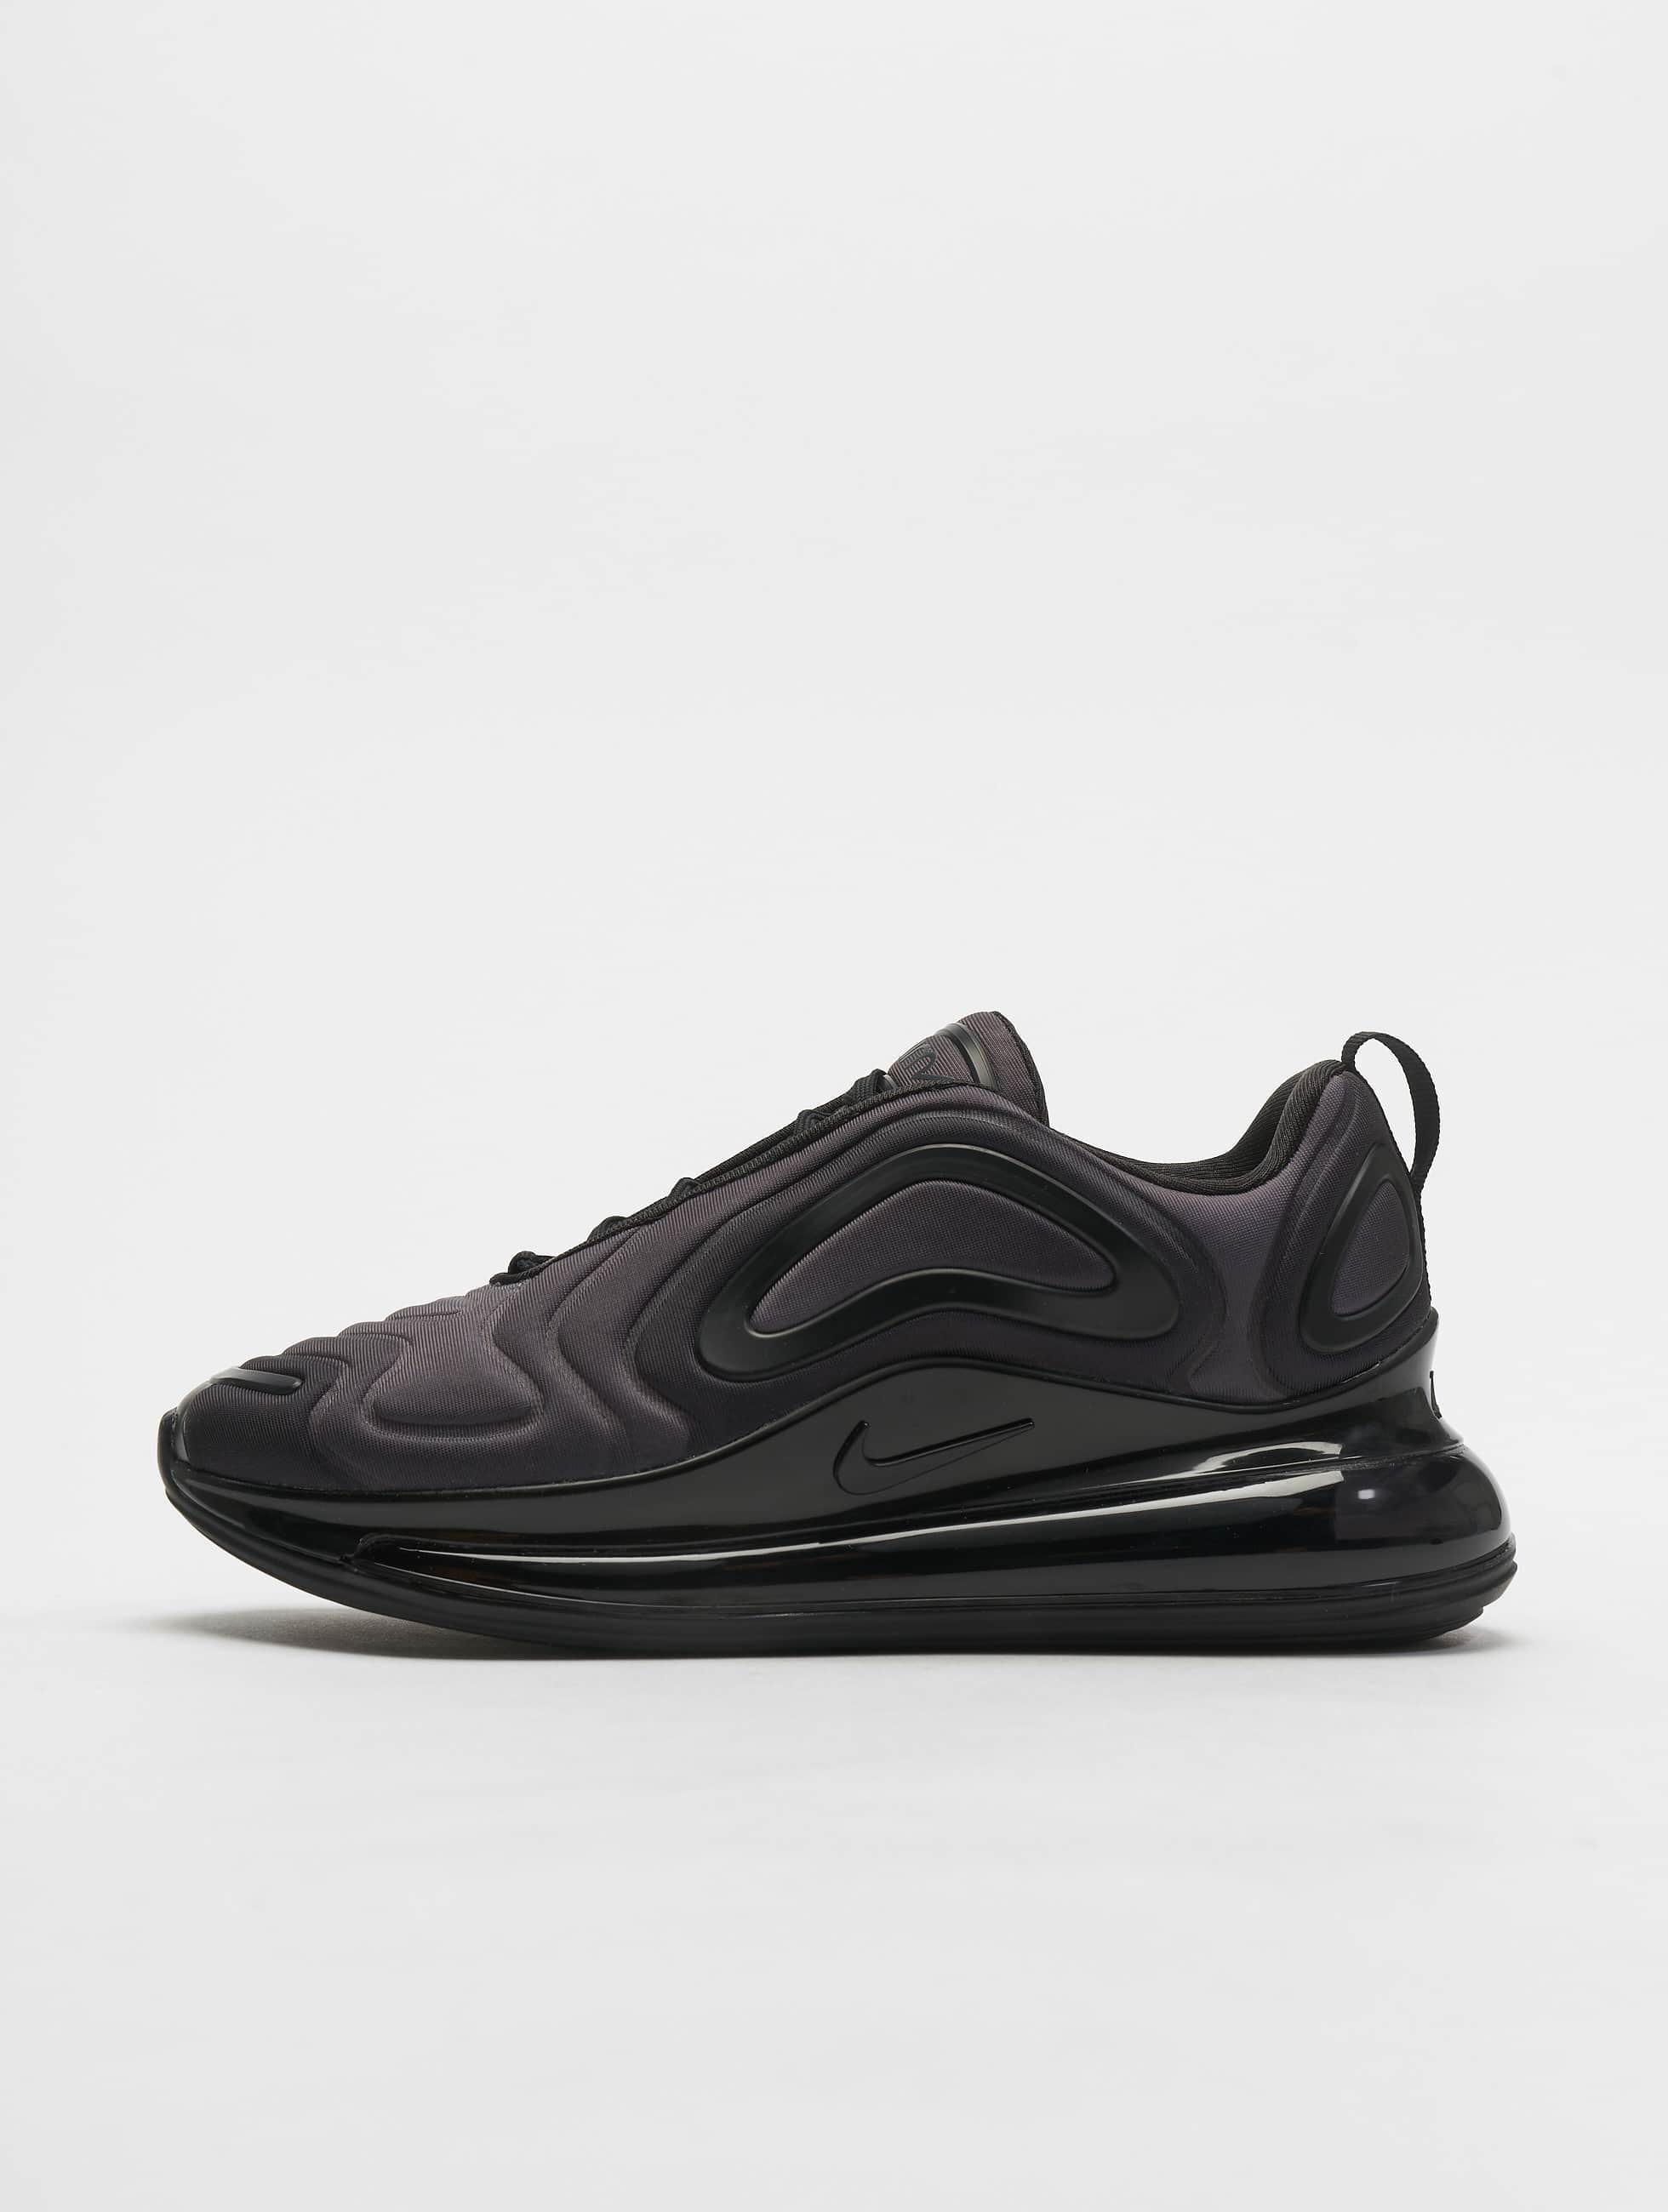 Air 720 Max Nike Sneakers Blackblackanthracite reoQdxWECB